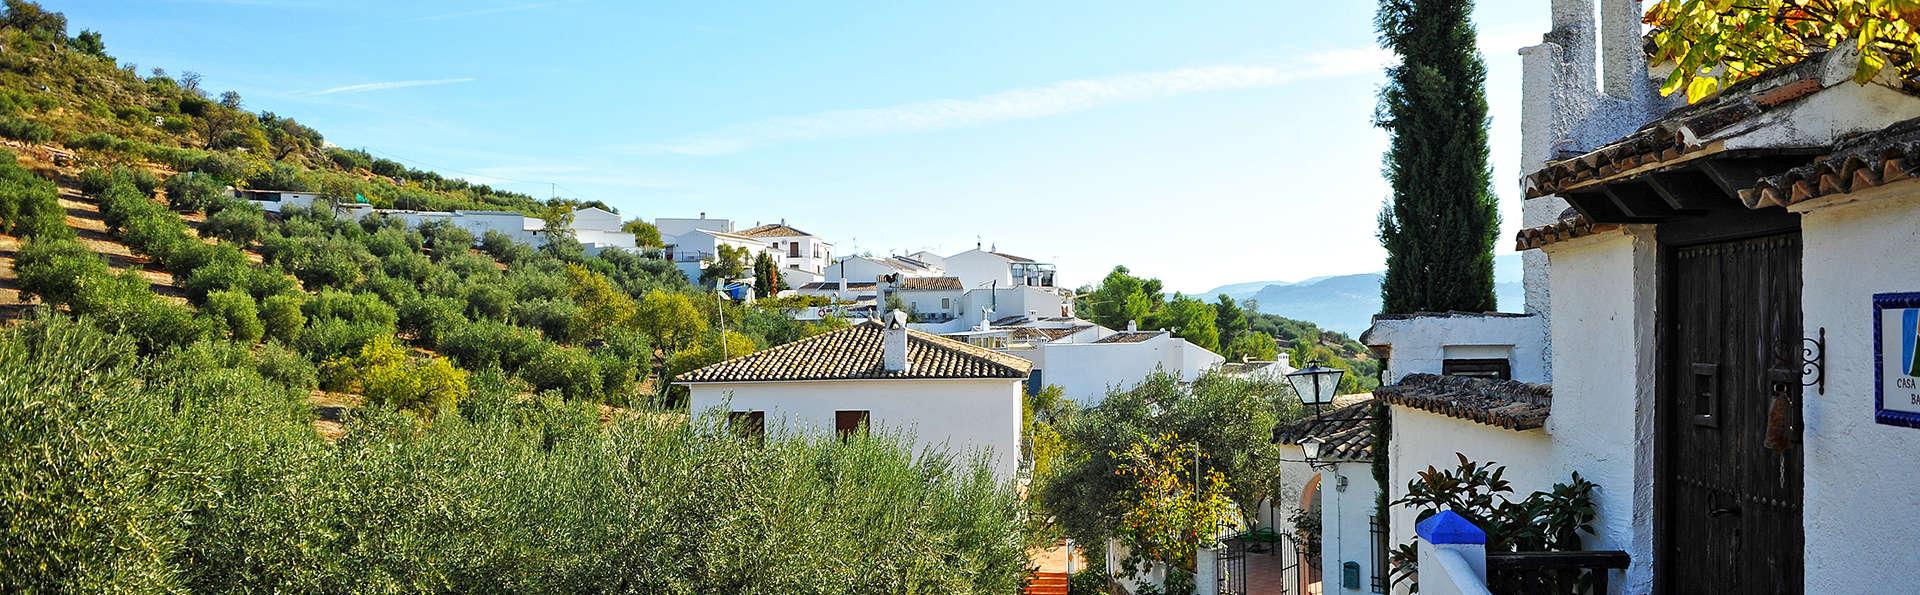 Escapada con Cena y toque romántico en Priego de Córdoba